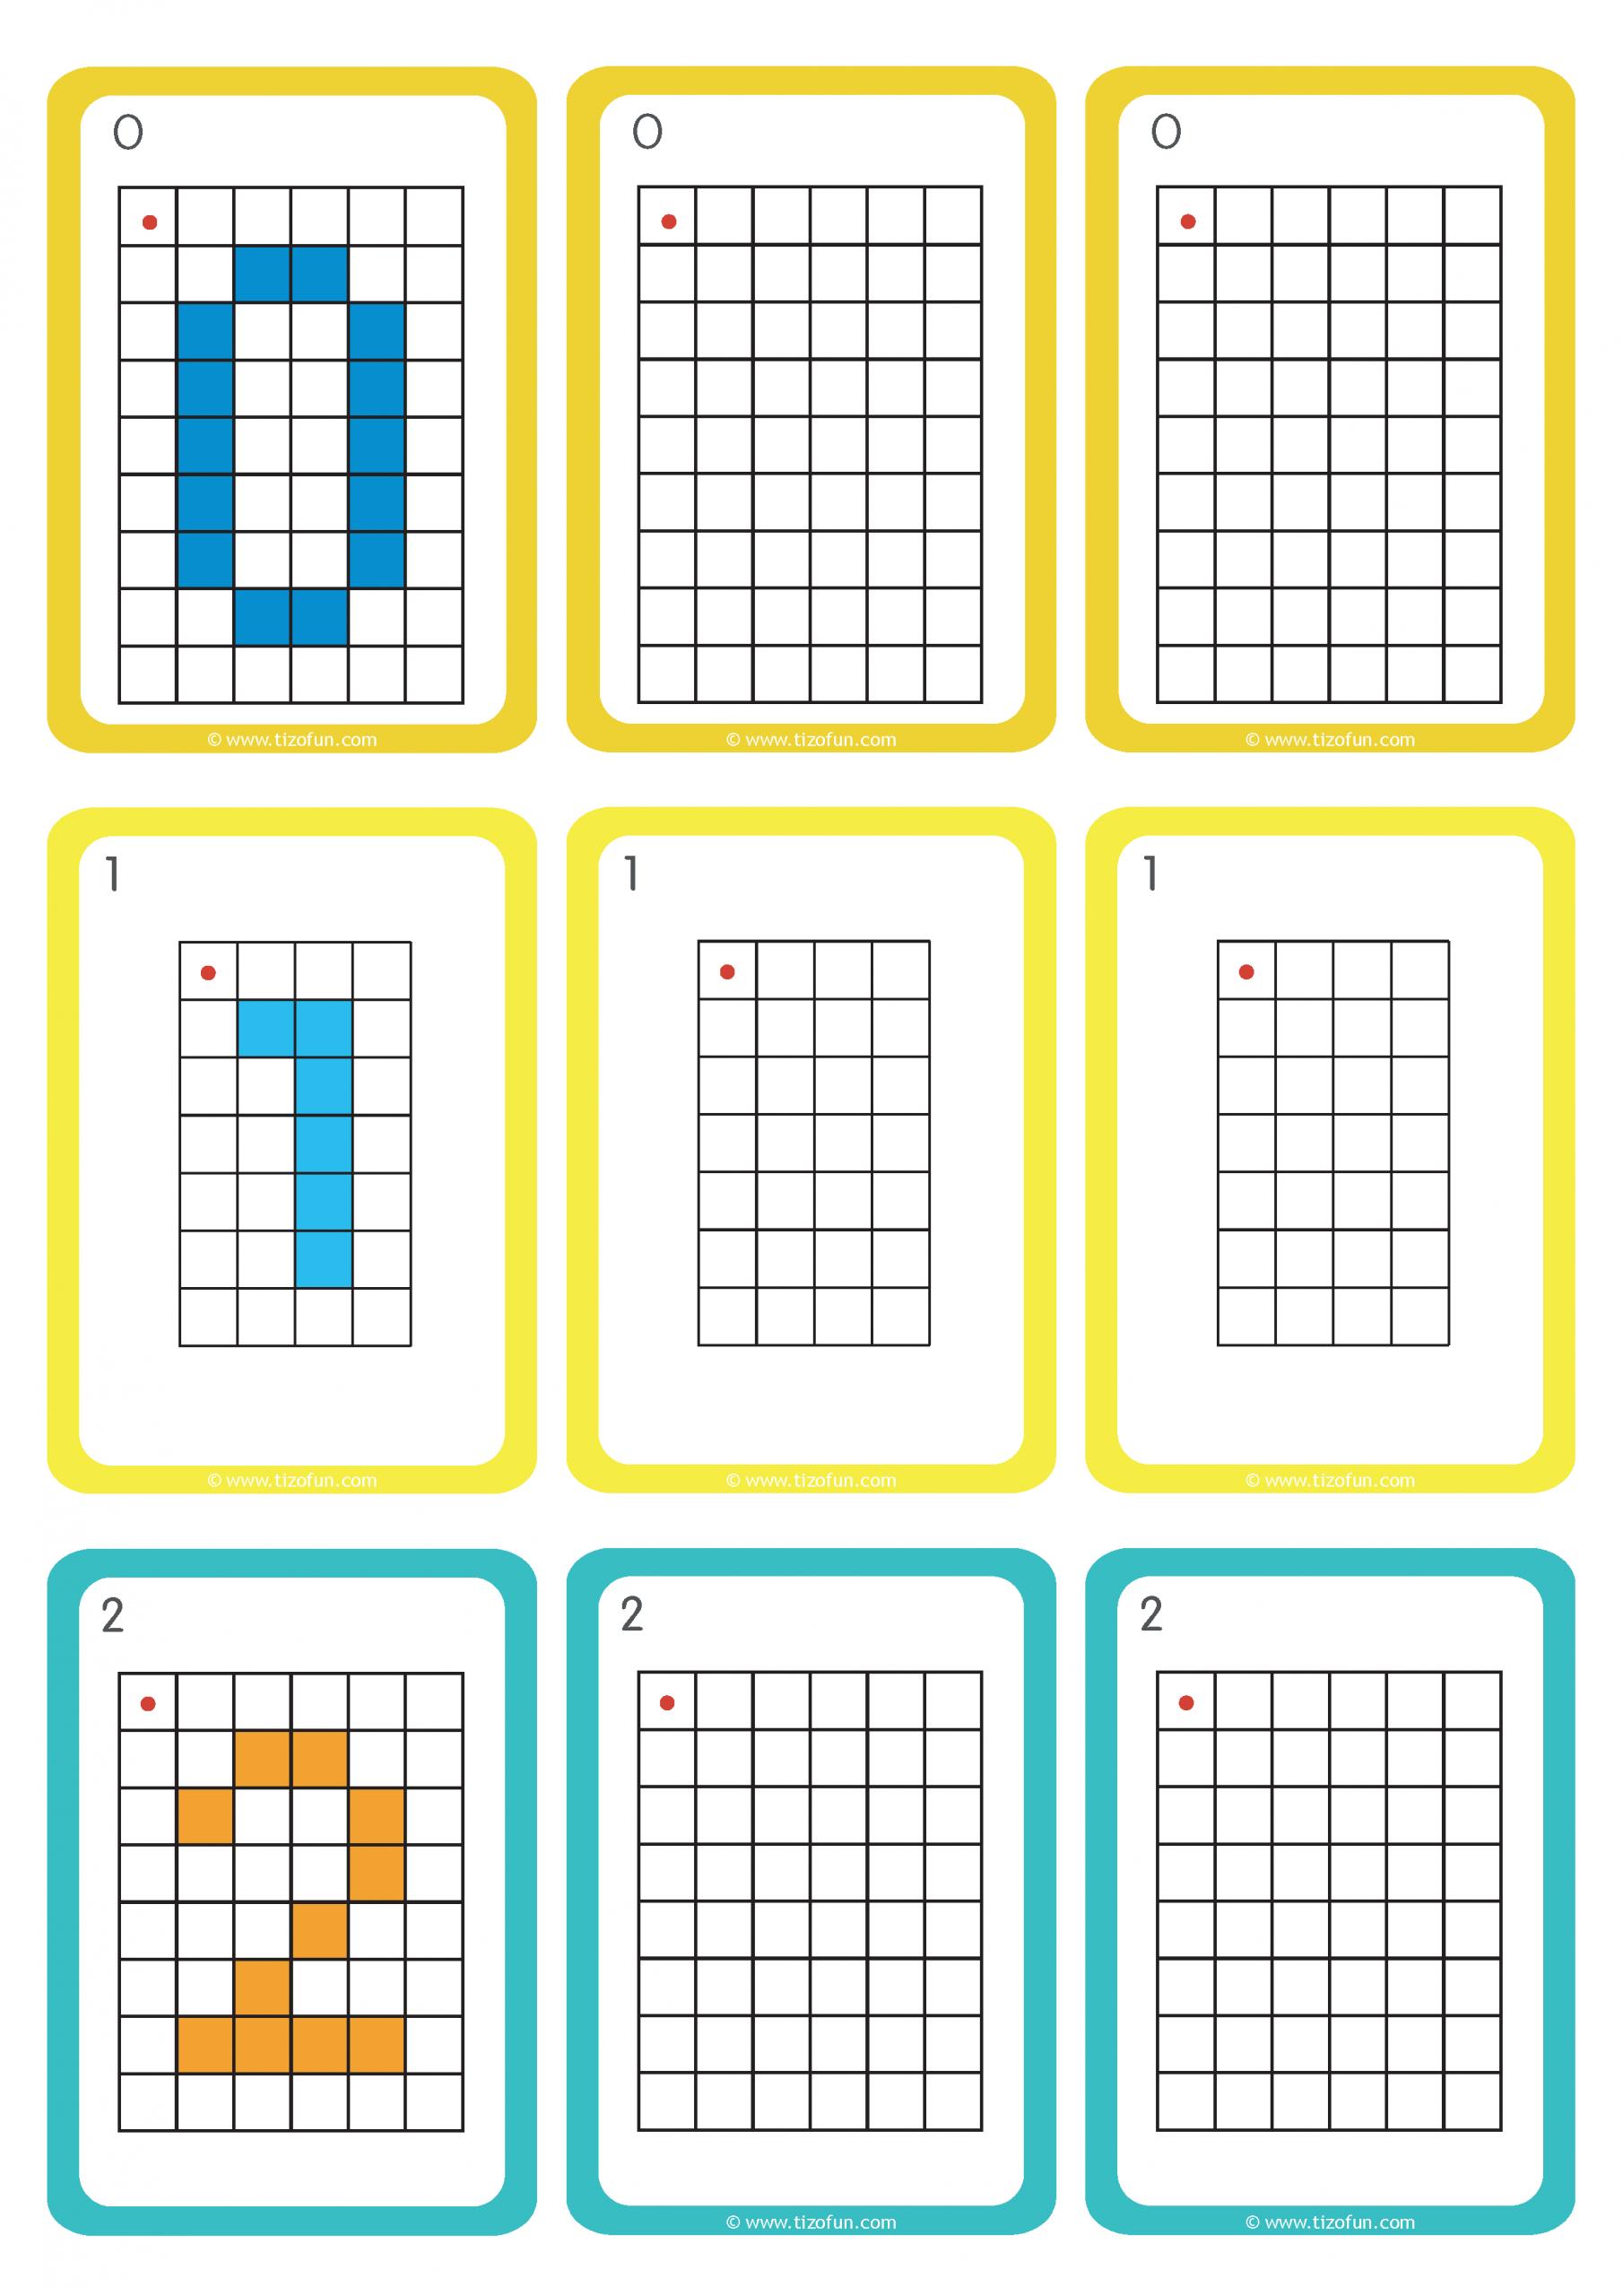 Exercice De Math Cp En Ligne Fiche Mathématique À Imprimer serapportantà Exercices De Cp À Imprimer